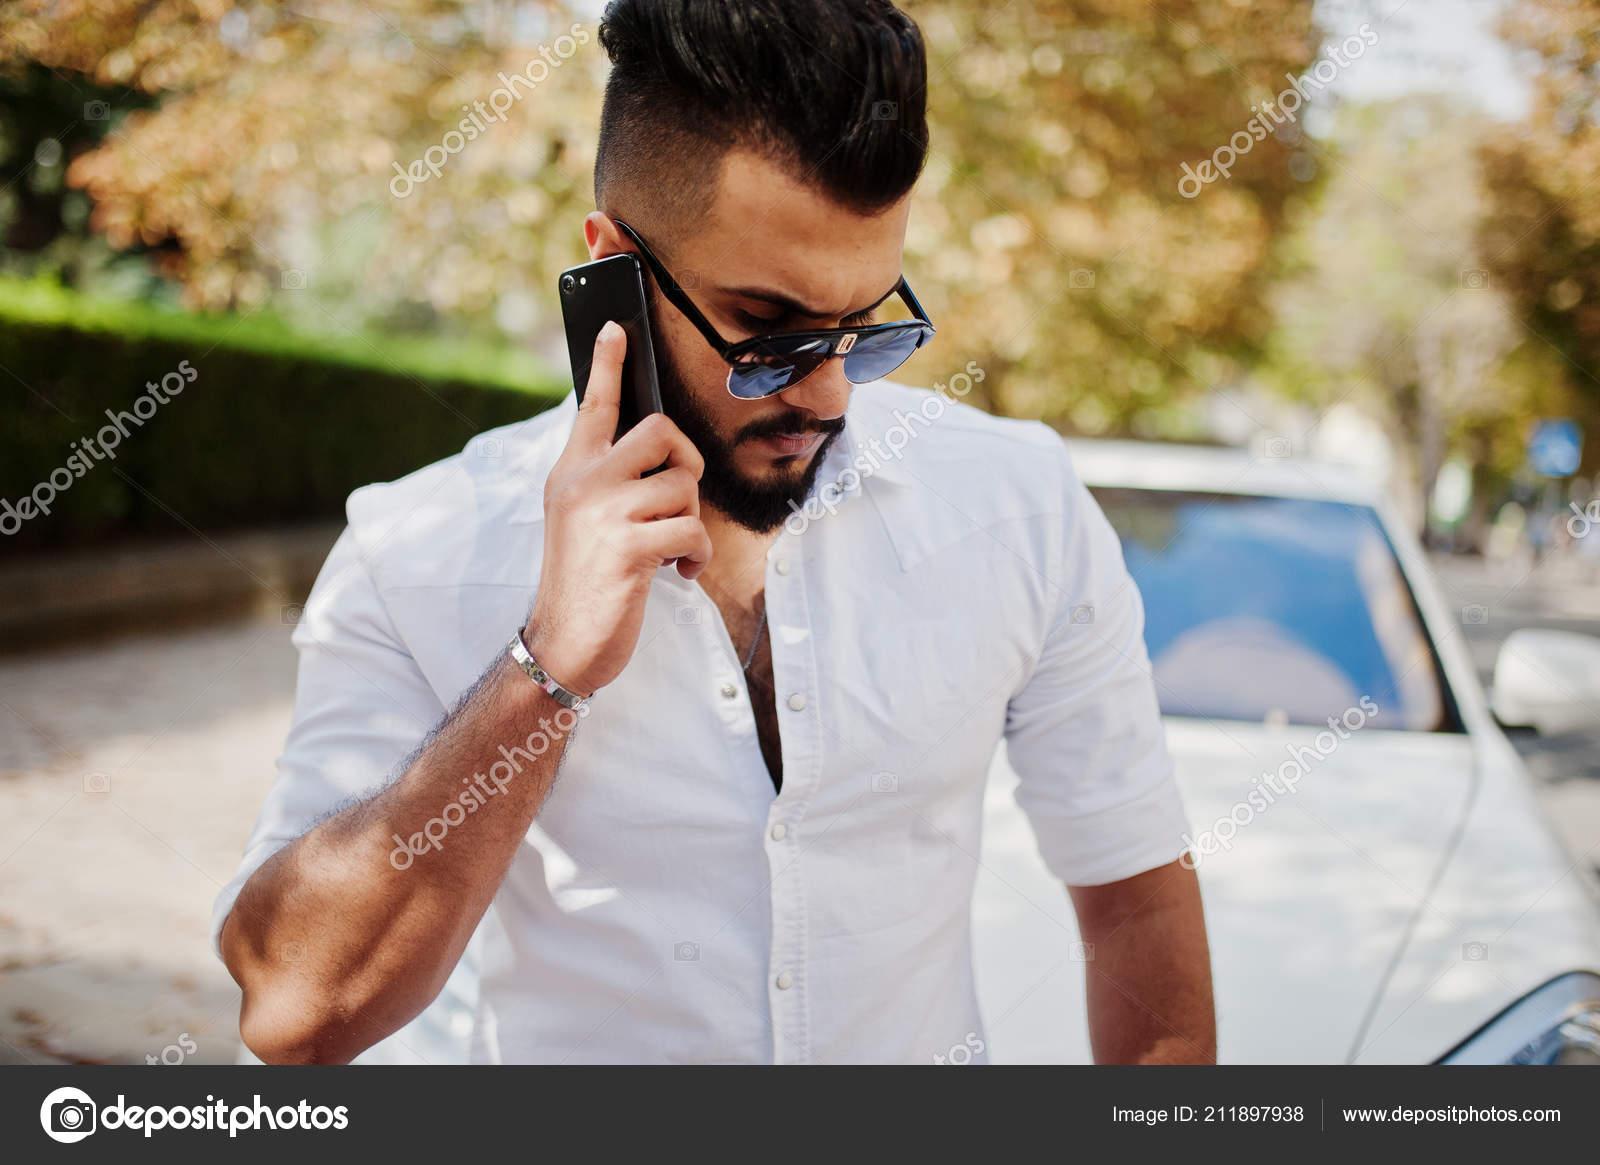 Snygg Lång Arabisk Man Modell Vit Skjorta Jeans Och Solglasögon — Stockfoto 03f0c1978b704